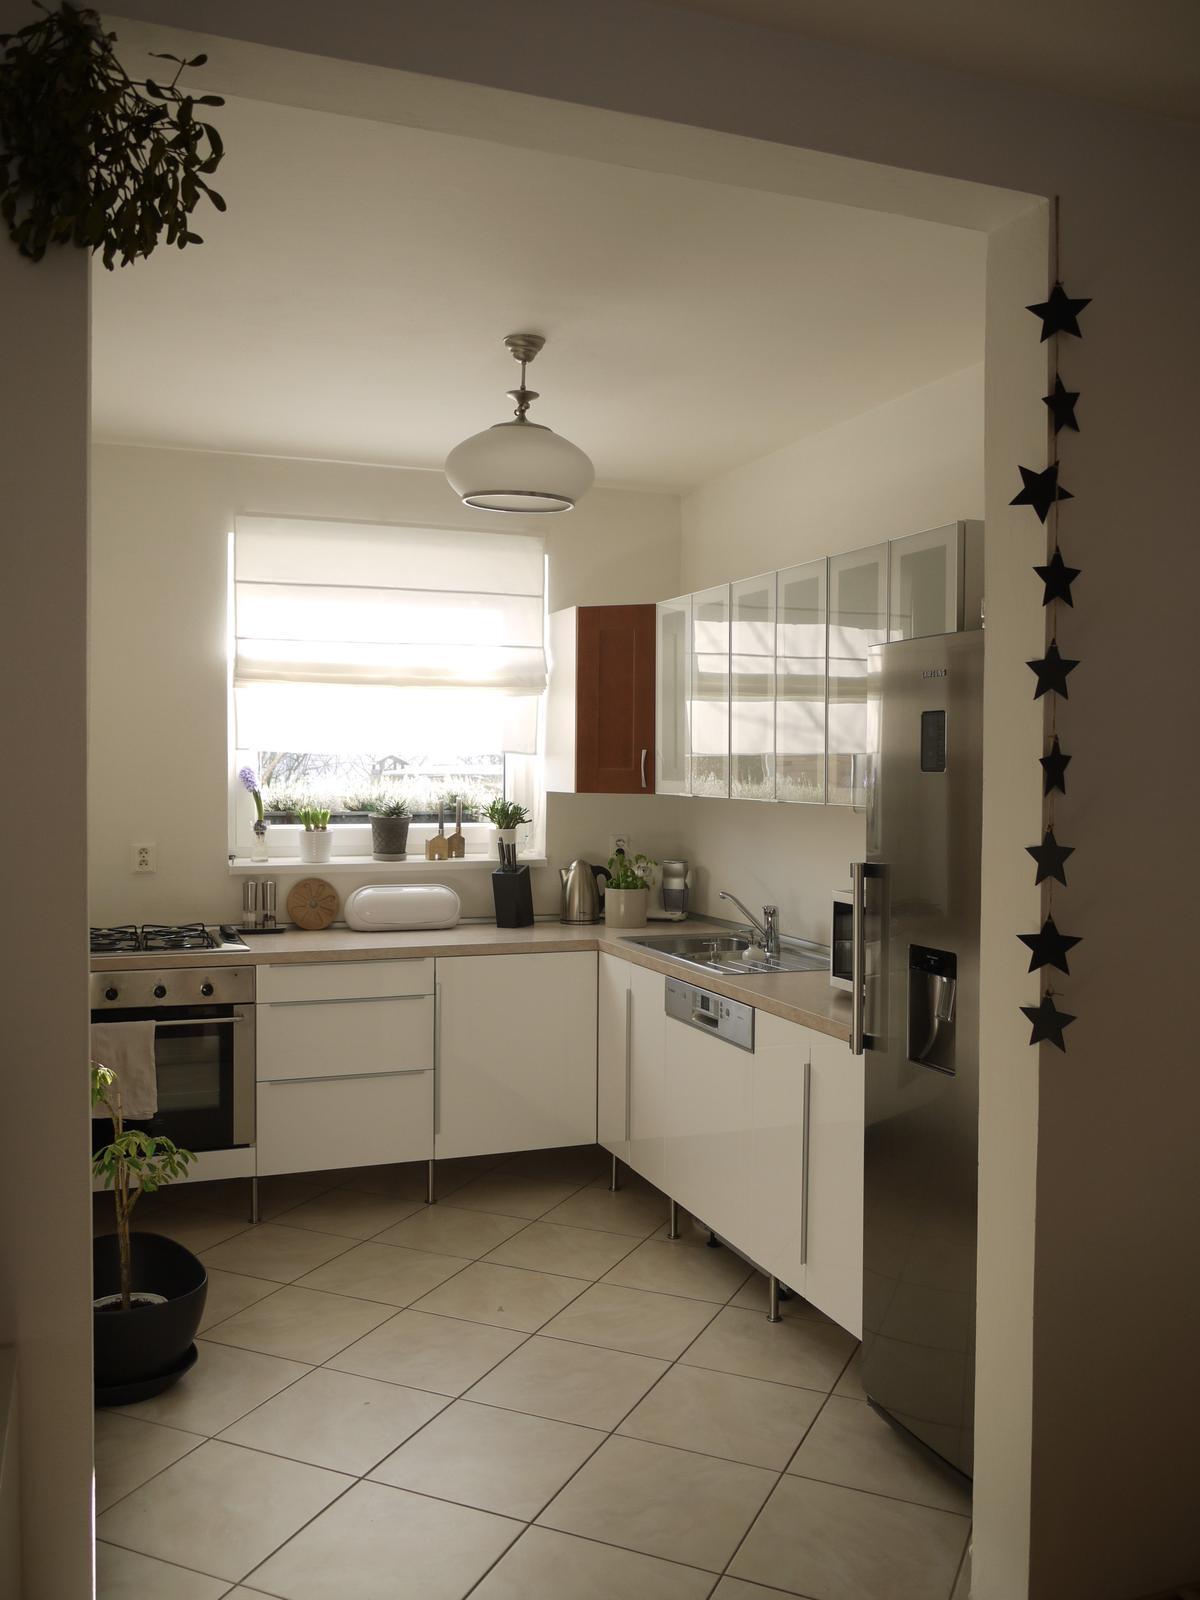 Proměny naší kuchyně - Určitě změna k lepšímu, ale z té bílé jsem nakonec trochu rozpačitá, moc se mi k nám nehodí :-/